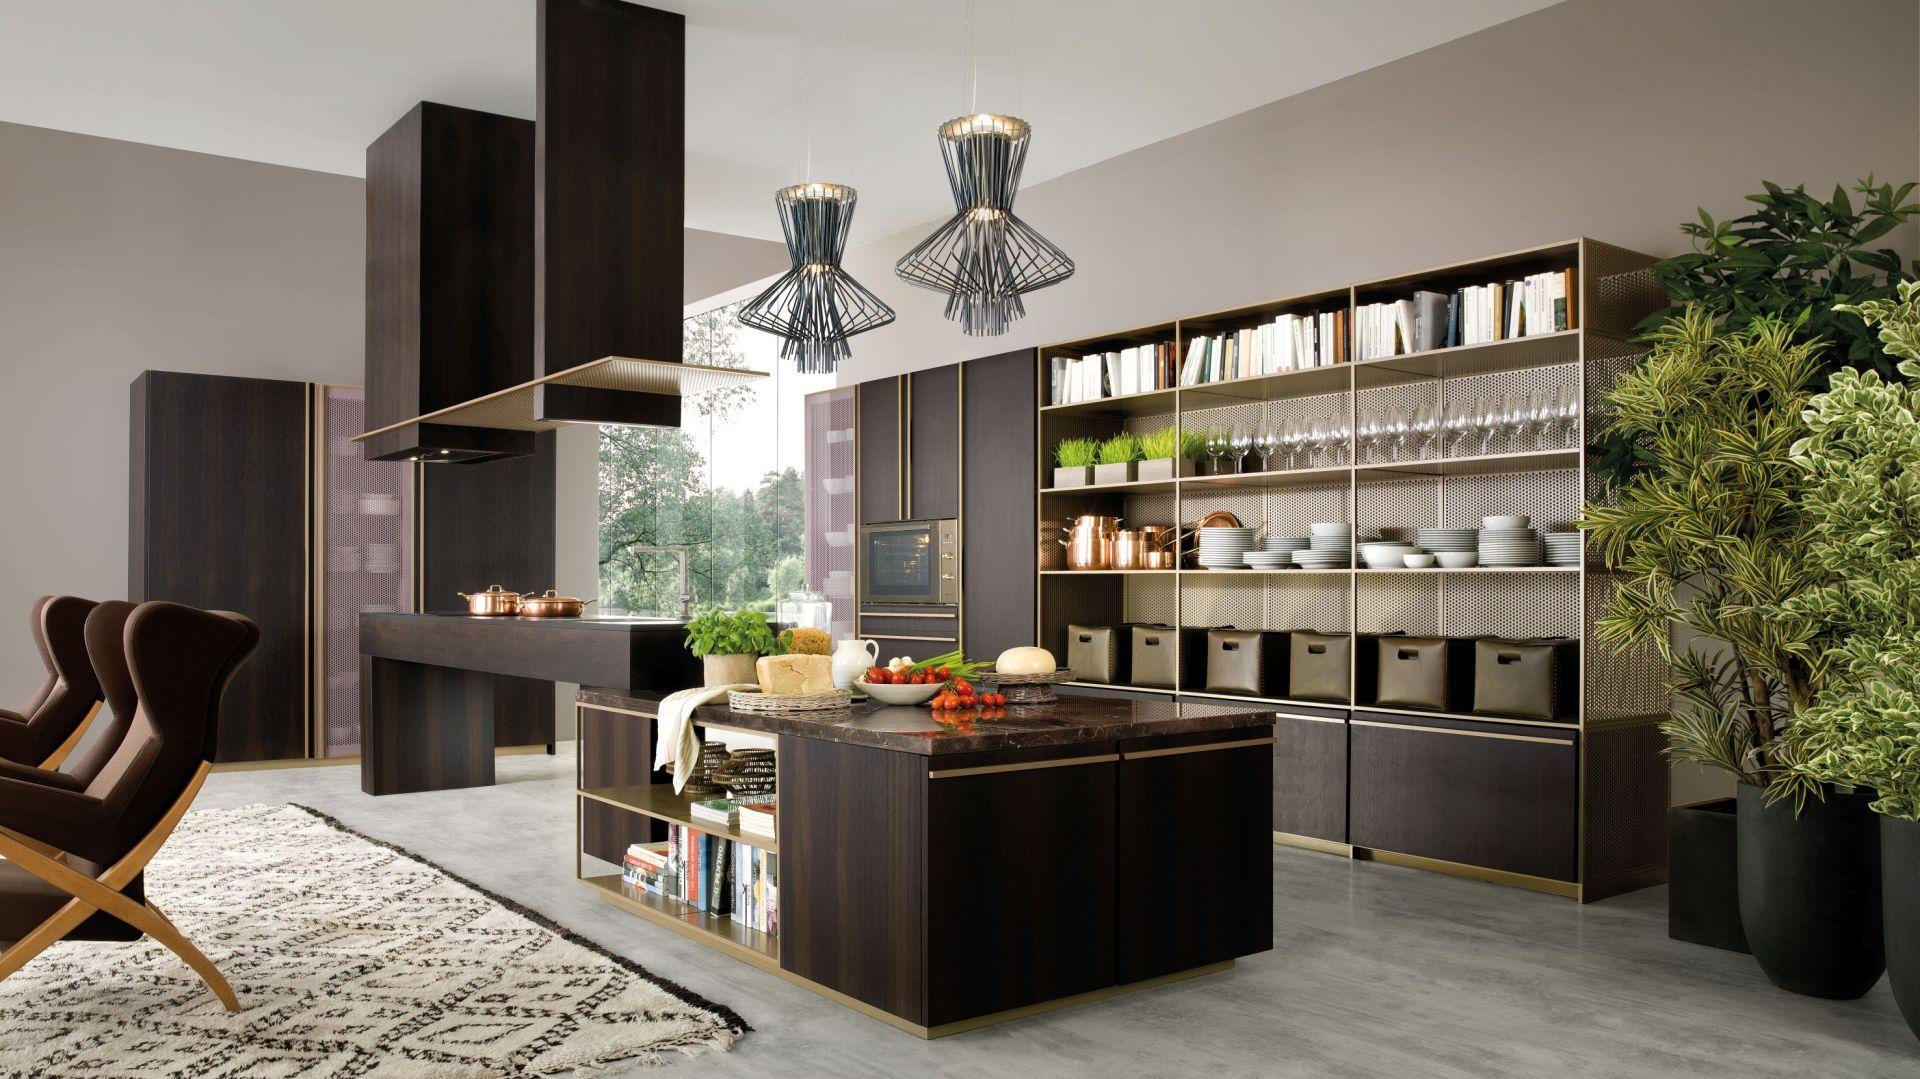 Niezwykle wytworna i elegancka kuchnia Beluga w wykończeniu ciemny dąb. Lekkości dodają jej szklane fronty zabudowy szaf. Fot. Rastelli